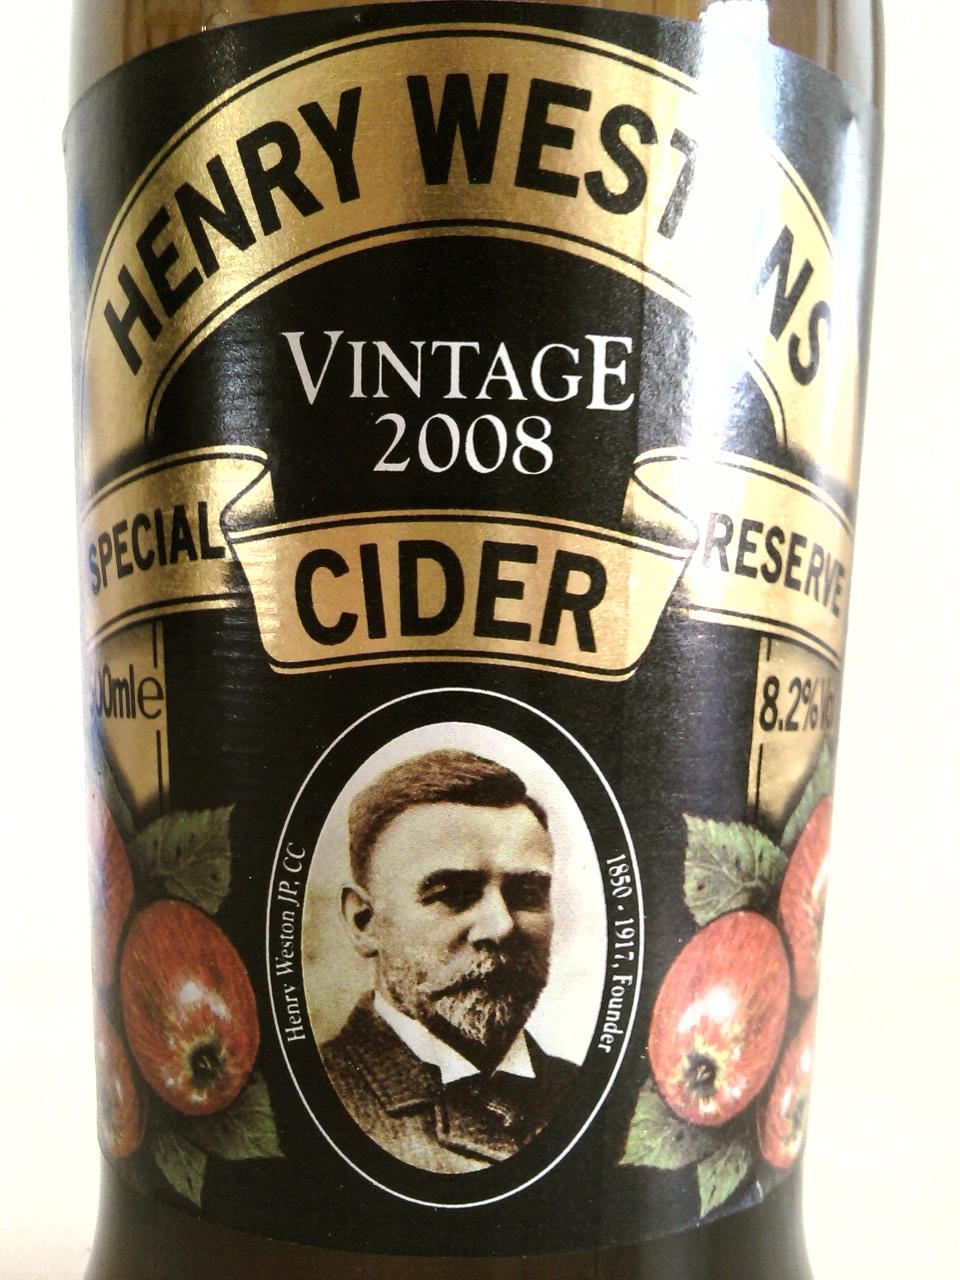 Henry Westons Vintage Special Reserve Cider front label